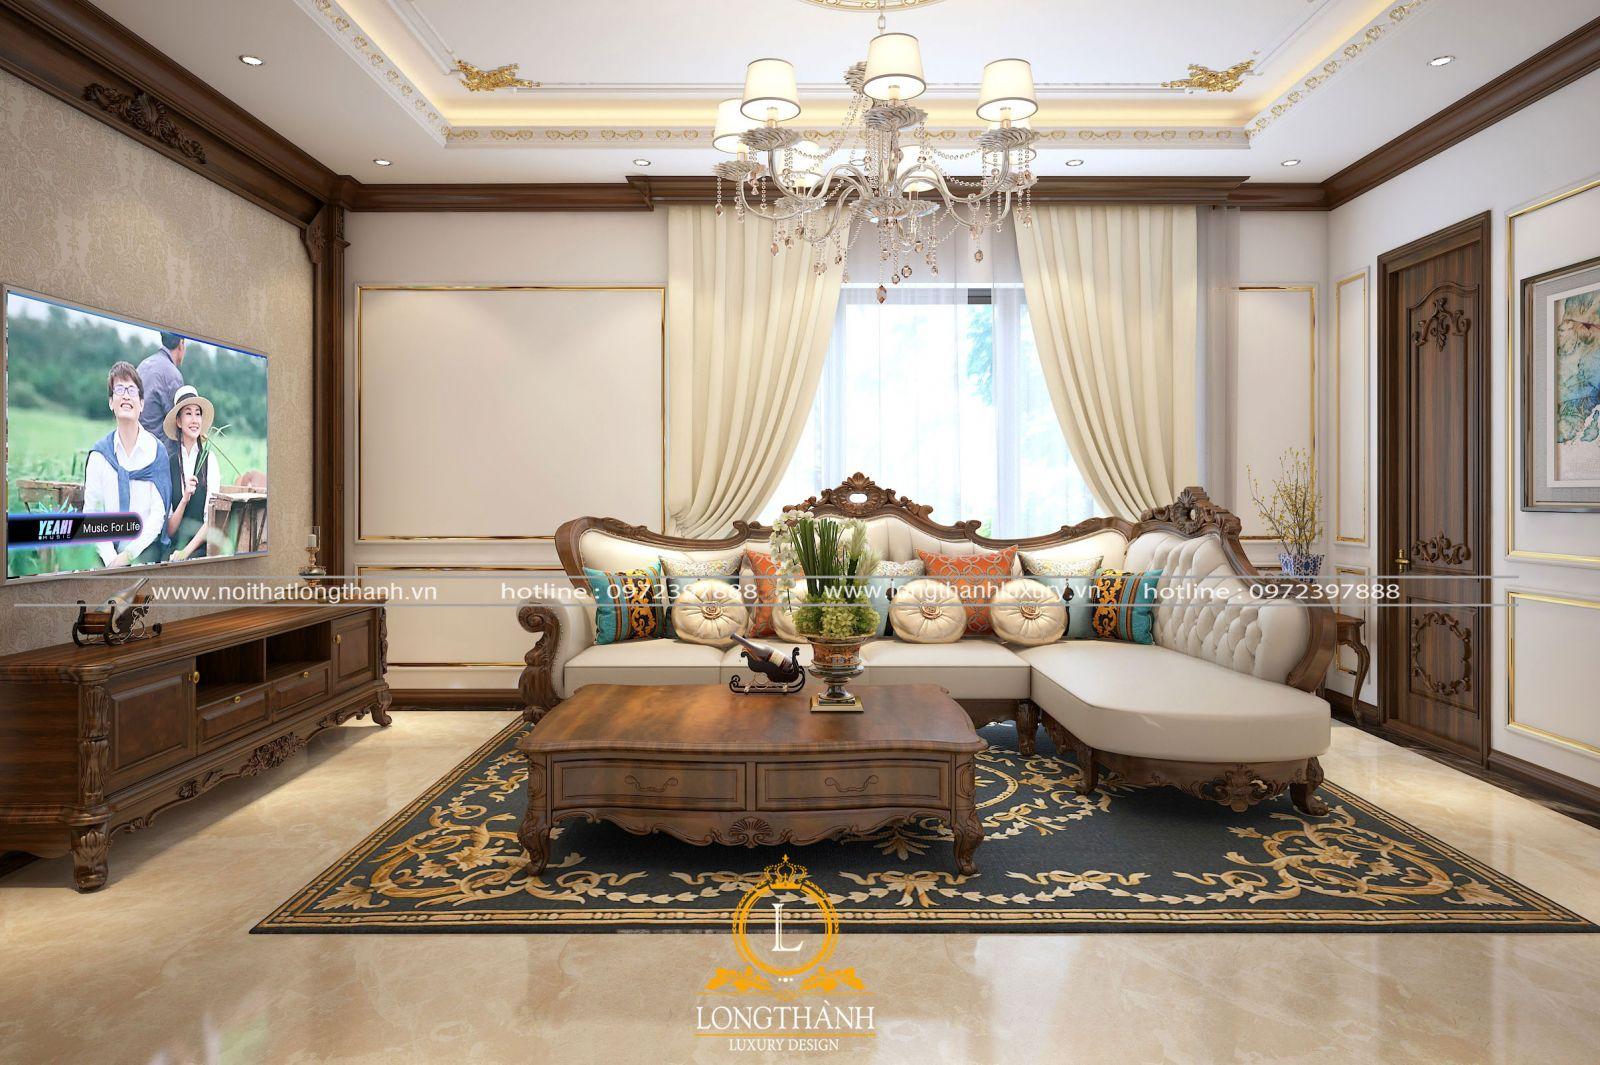 Phòng khách tân cổ điển nổi bật với sofa góc đẹp